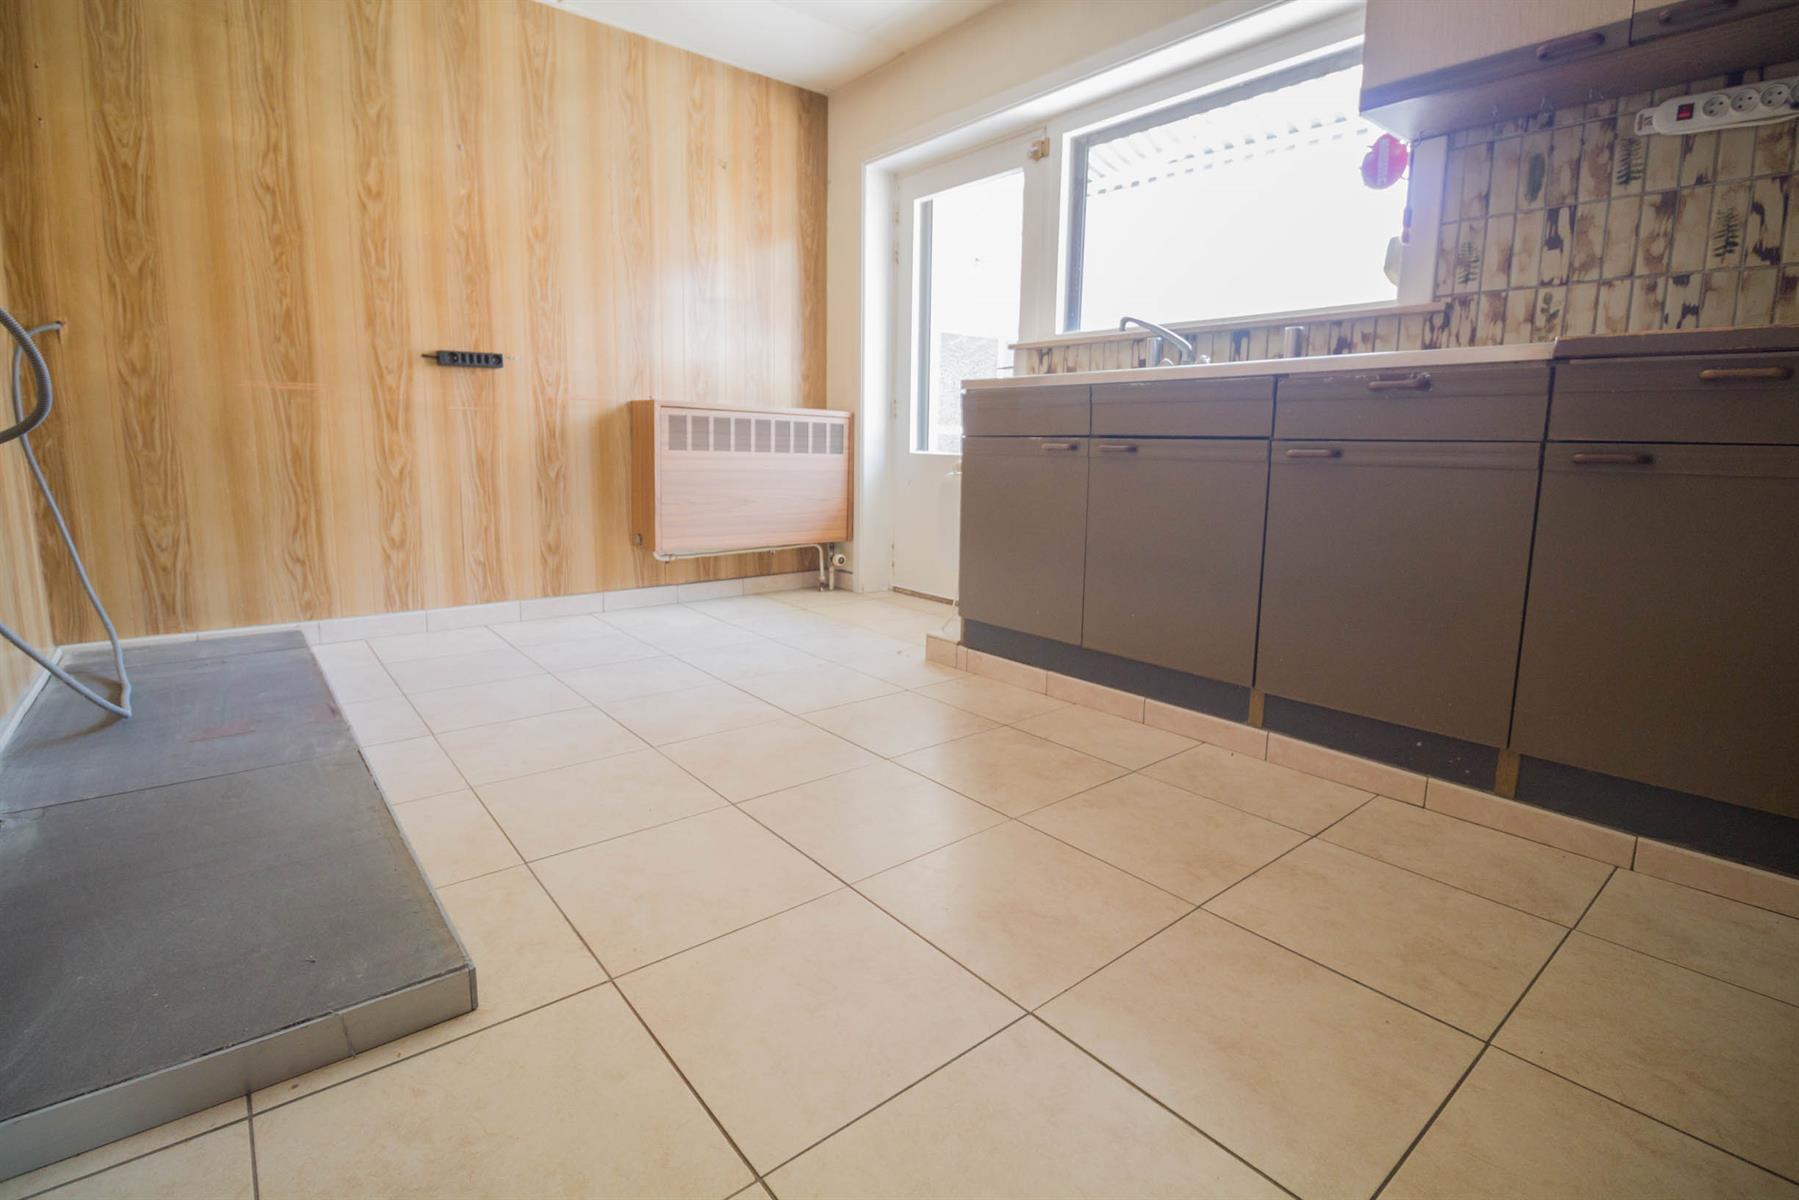 Maison - Trazegnies - #4344336-9